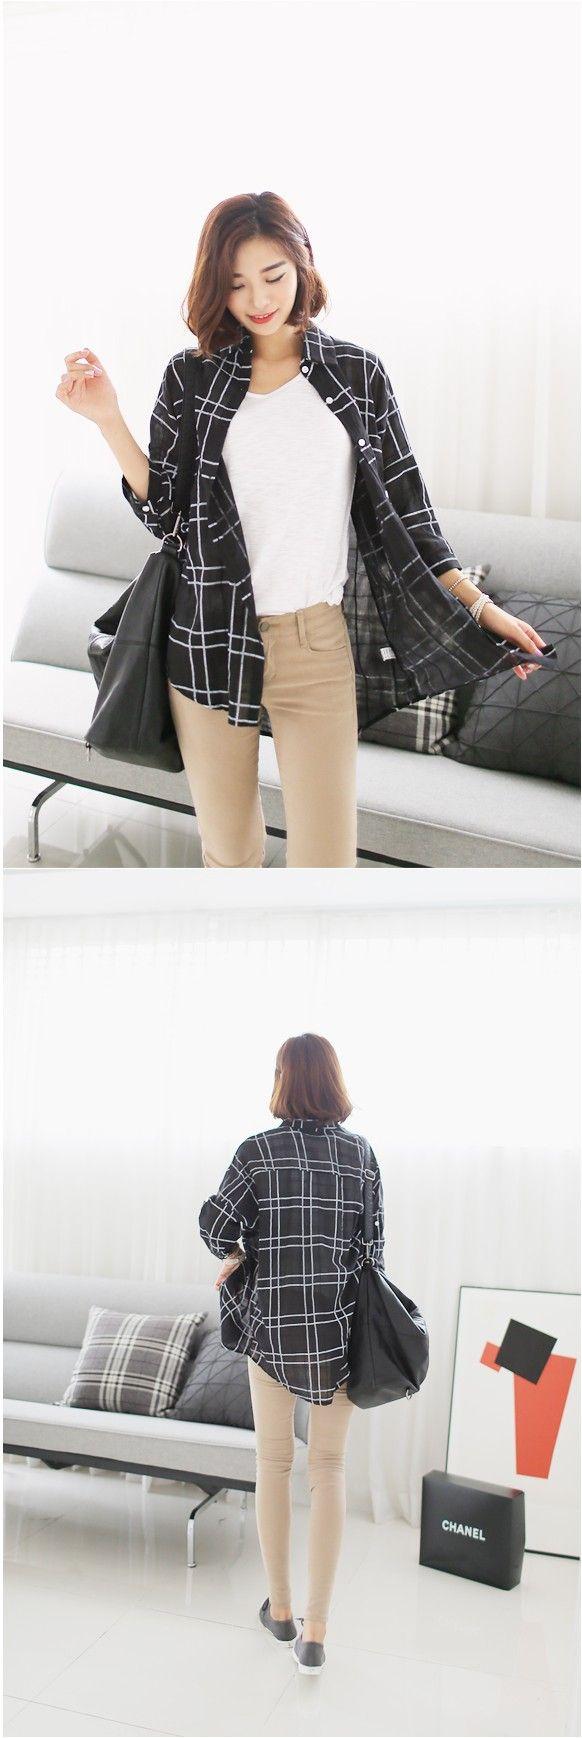 trendy plaid shirts  #shirts #plaid #KOODING.com